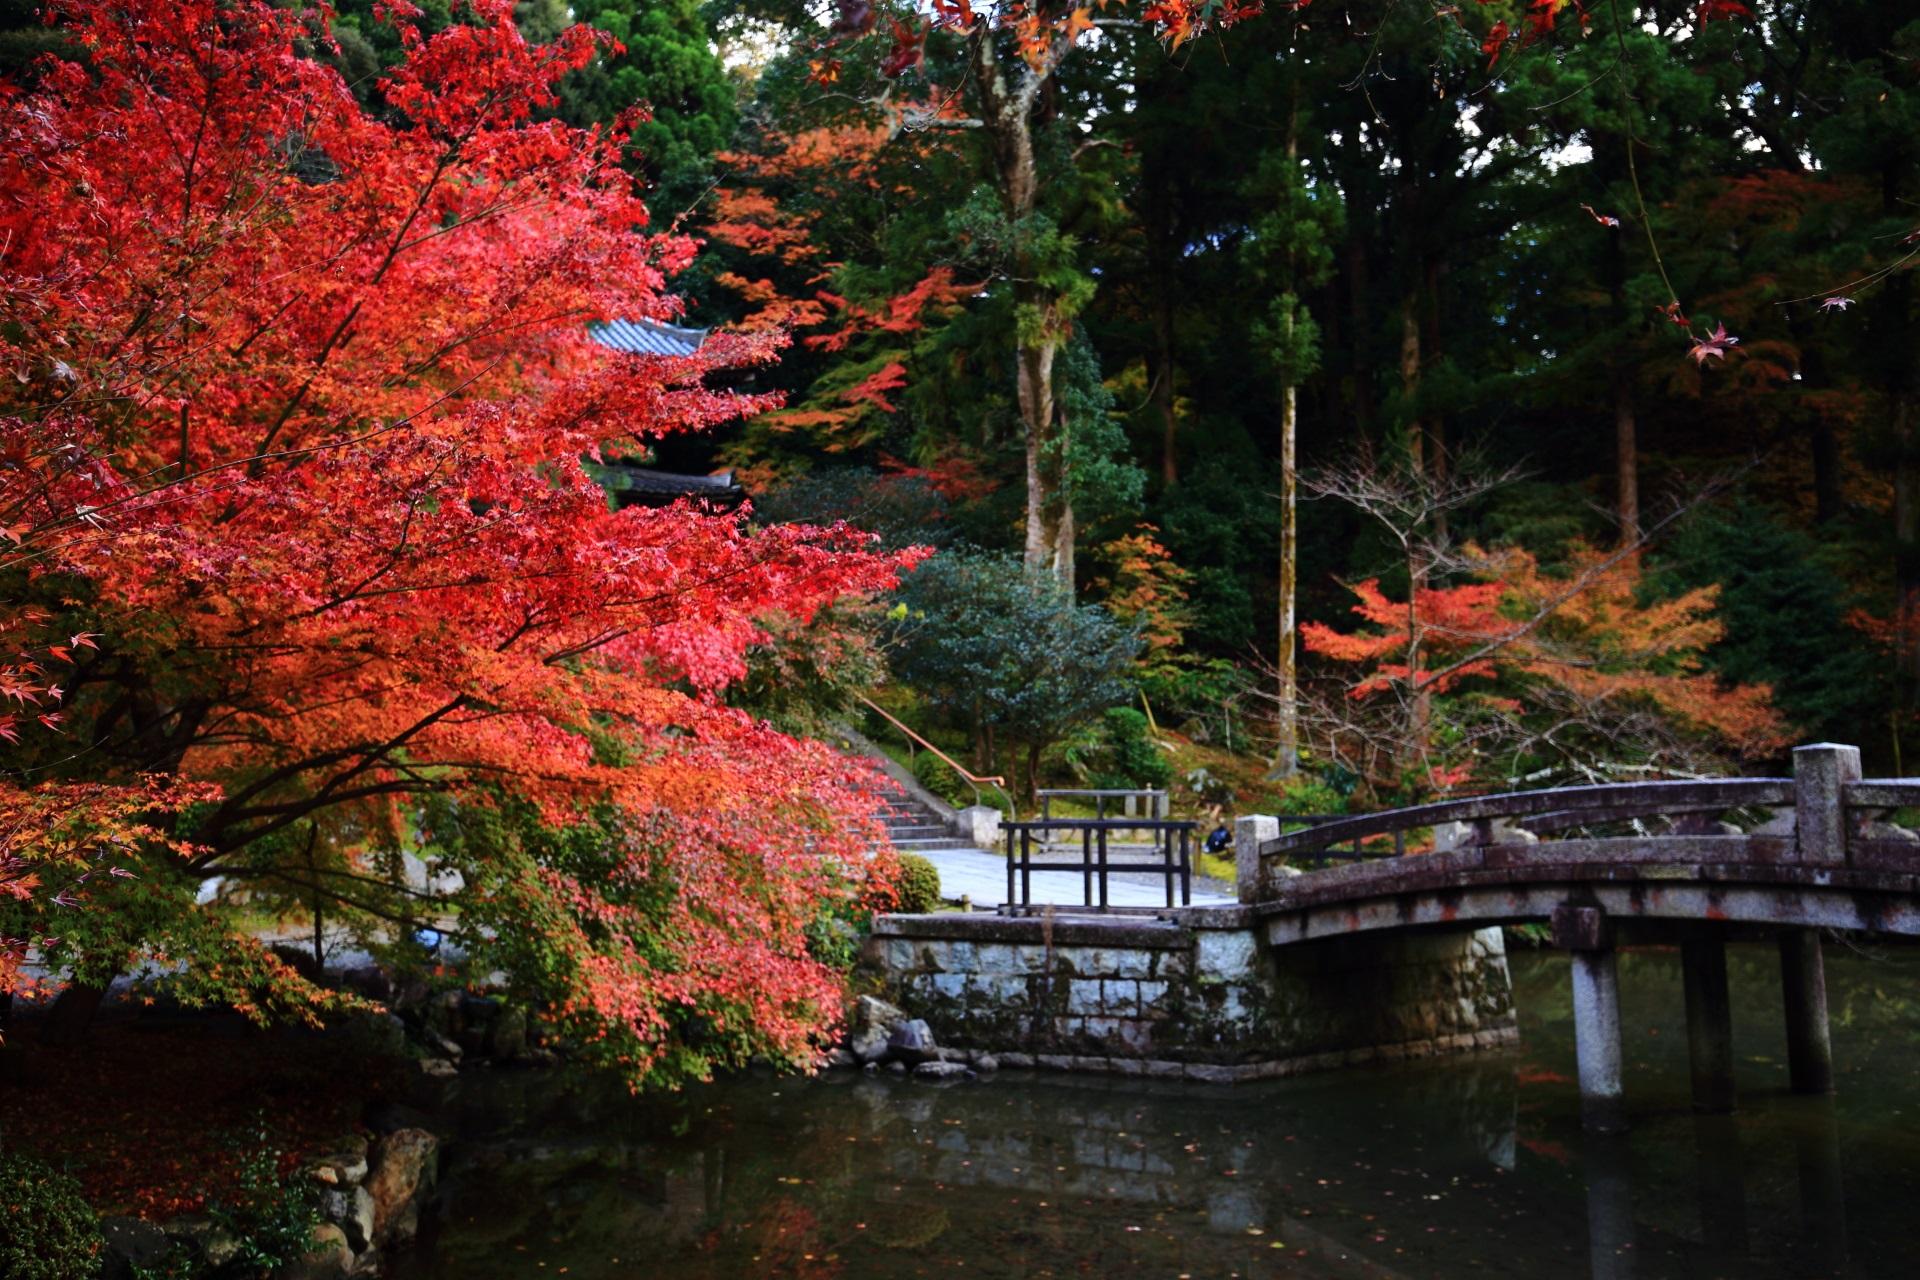 知恩院の納骨堂と池を彩る鮮やかな紅葉